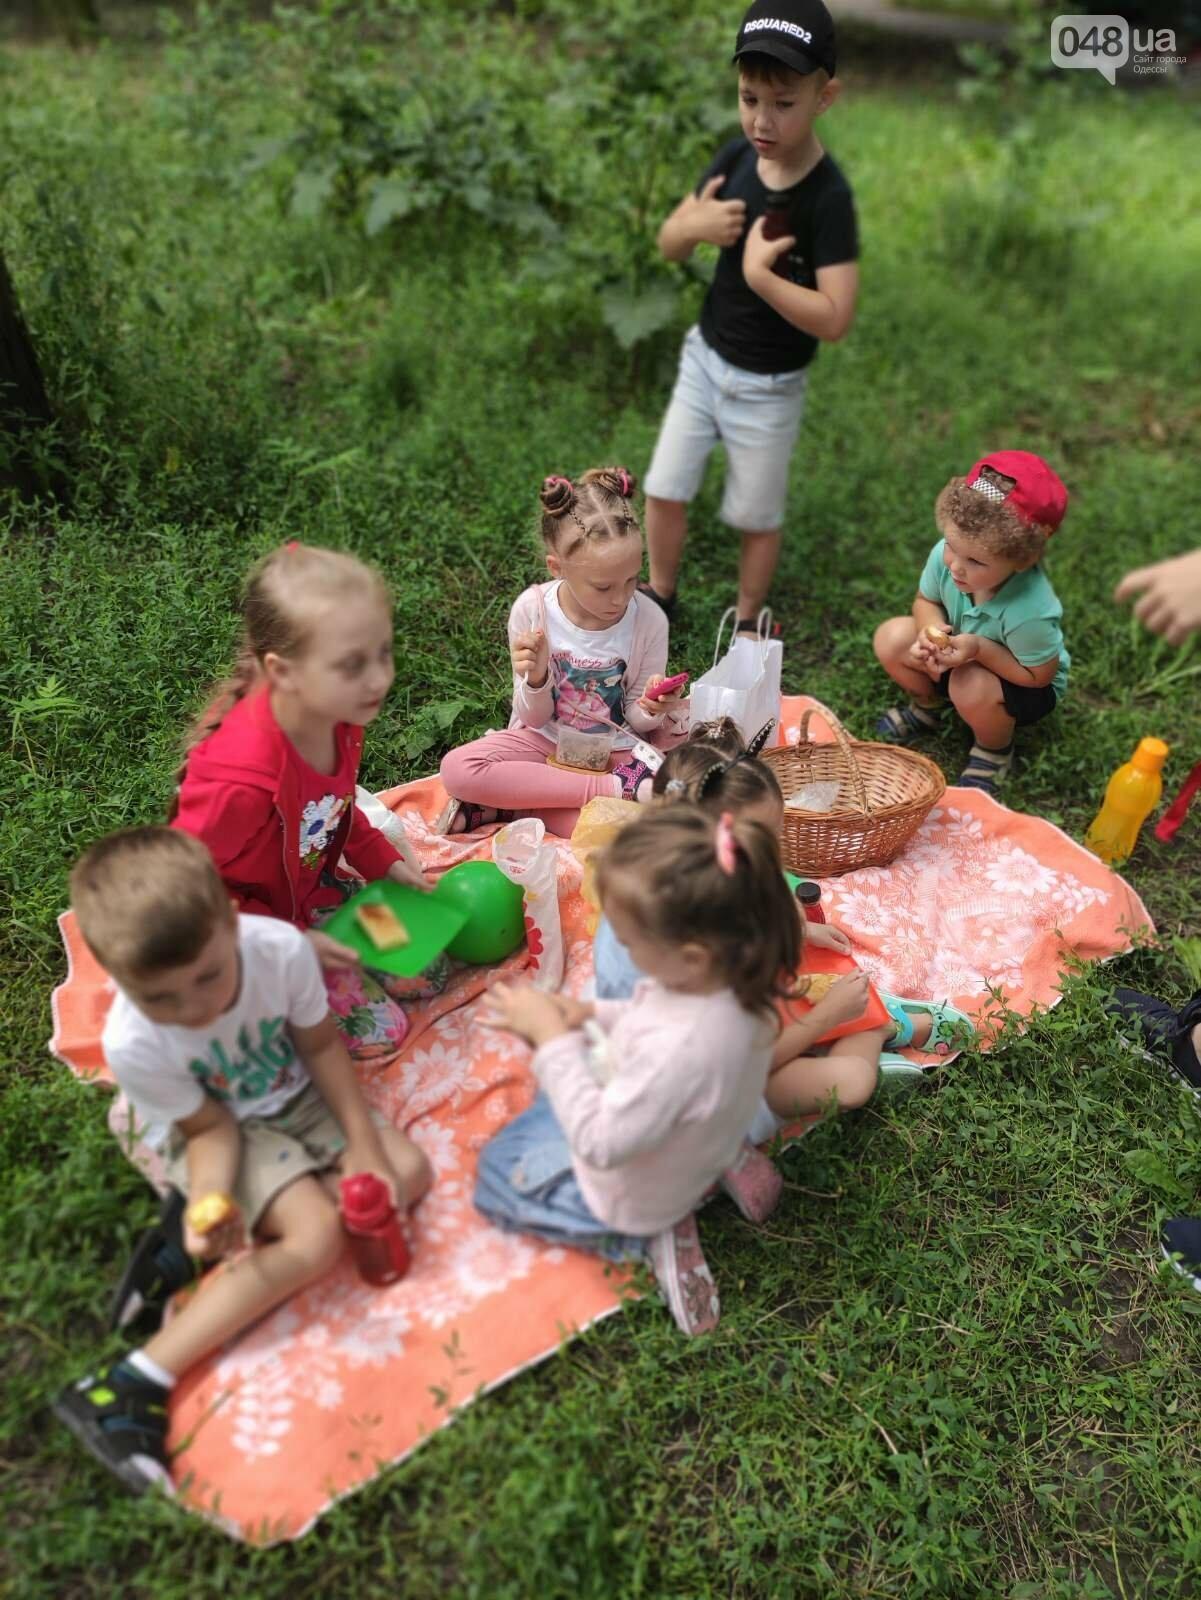 Детские сады и школы в Одессе, где учить ребенка?, фото-7